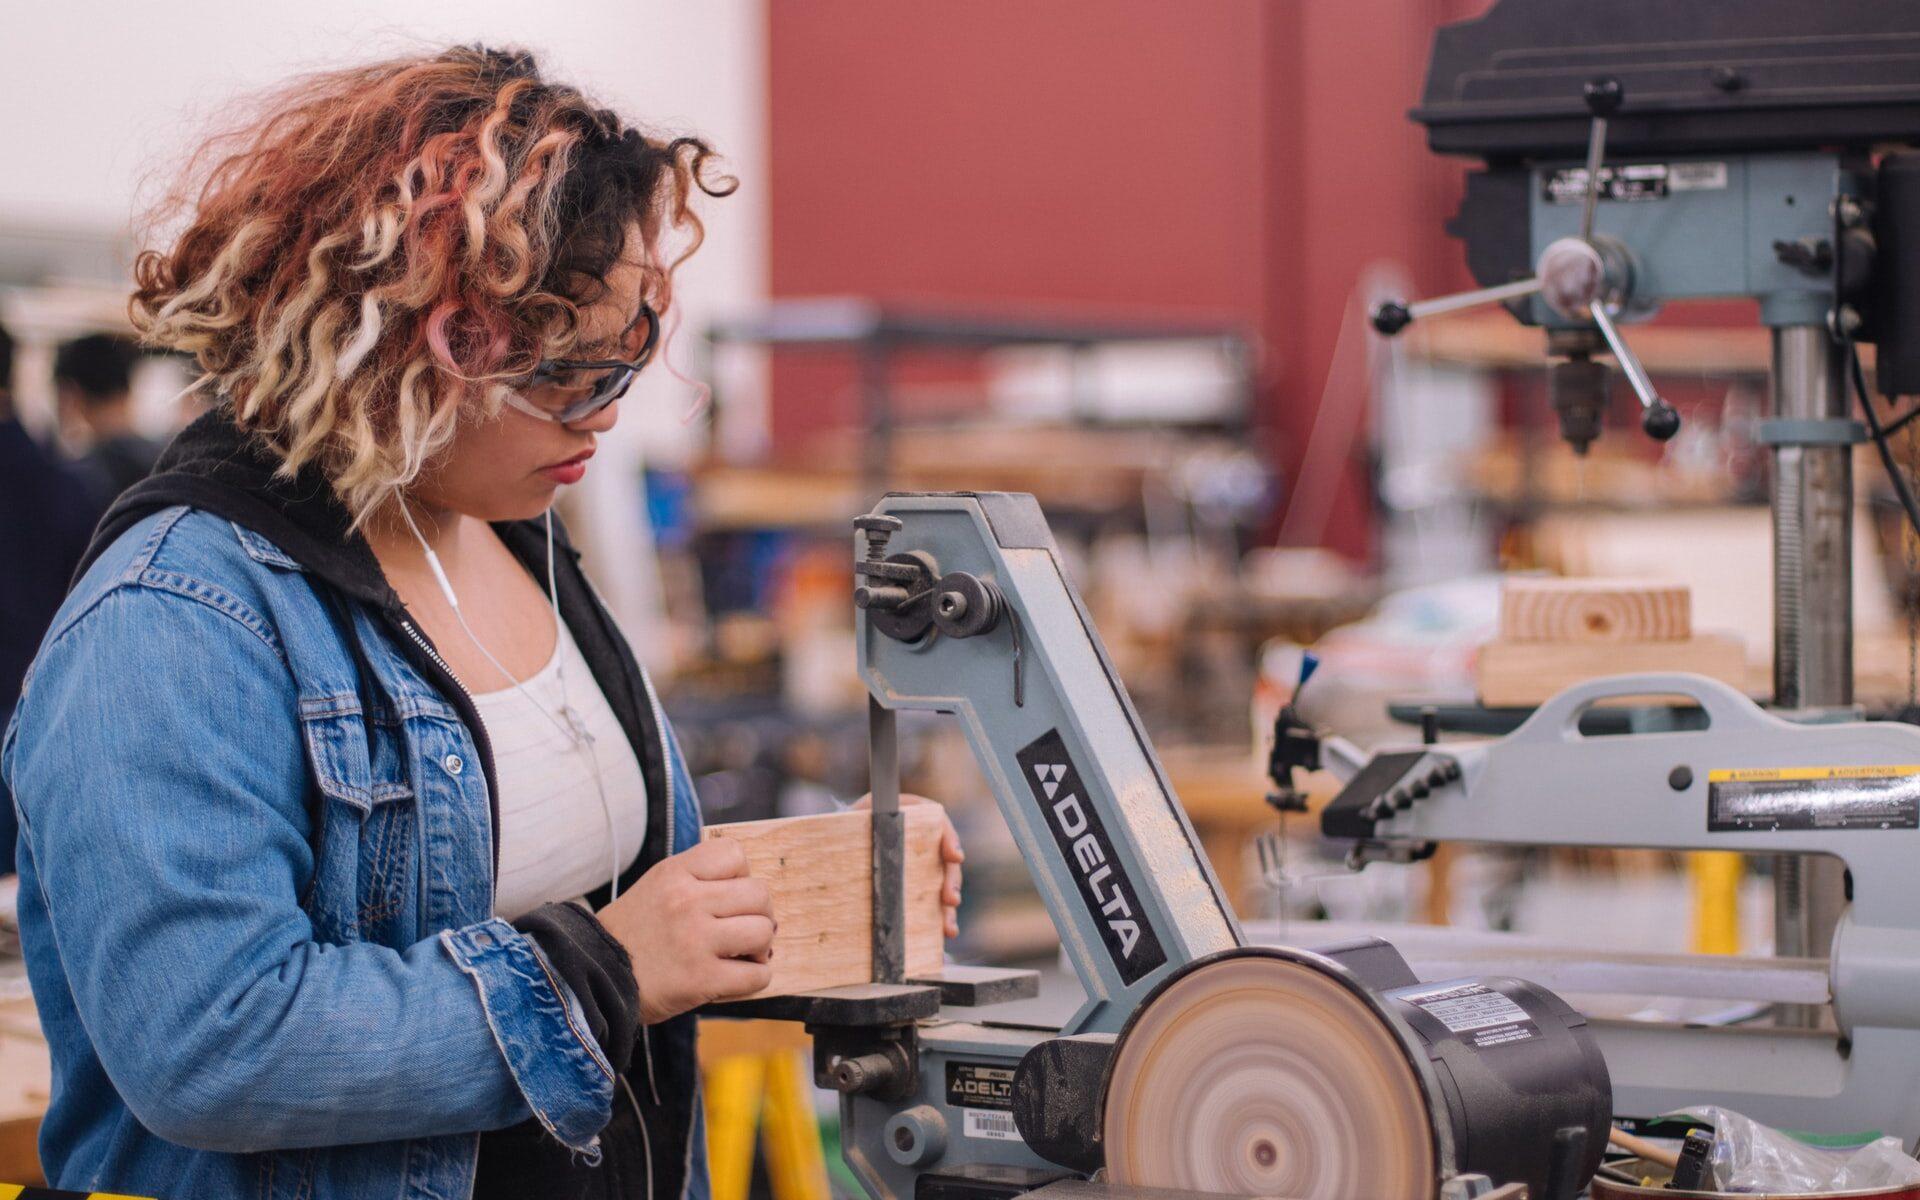 Farkkutakkinen henkilö käsittelee puupalaa teknisen työn tilassa suojalasit päässään.